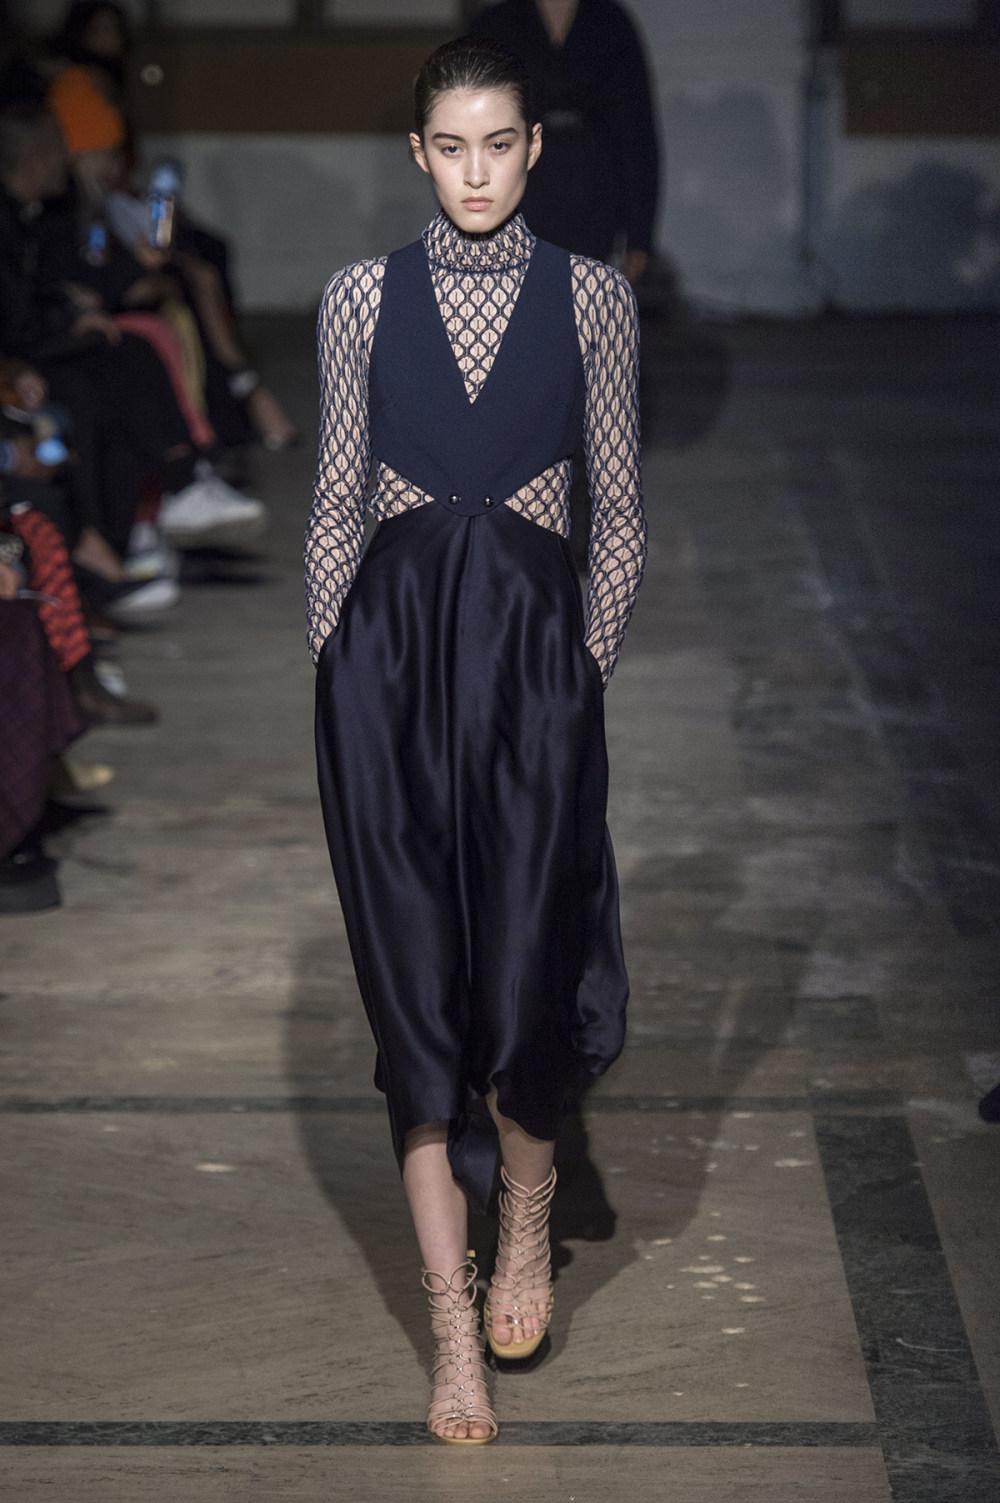 Dion Lee没有紧身衣的连衣裙被聚集或扭曲保持调色板的简约和奢华-18.jpg